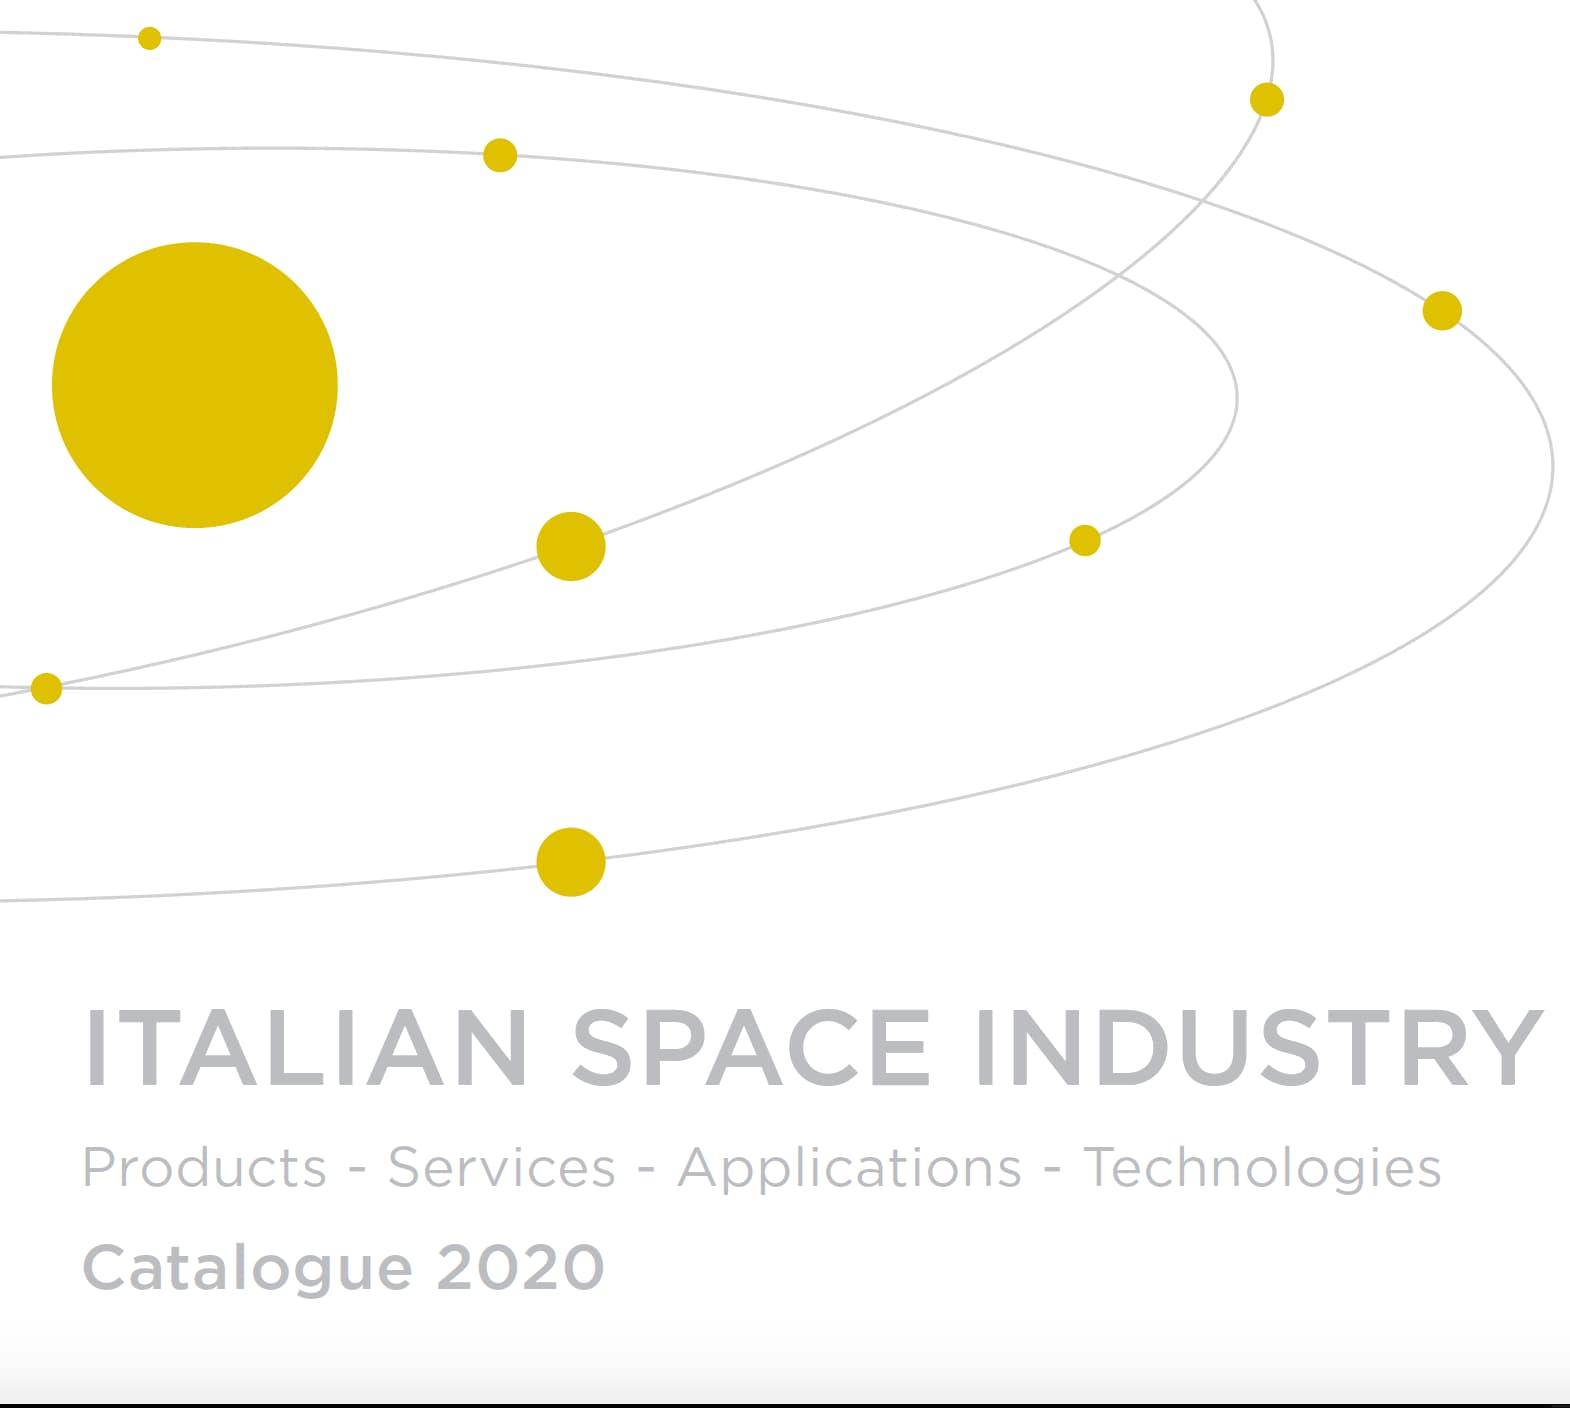 ASI - Catalogo dell'Industria Spaziale Nazionale